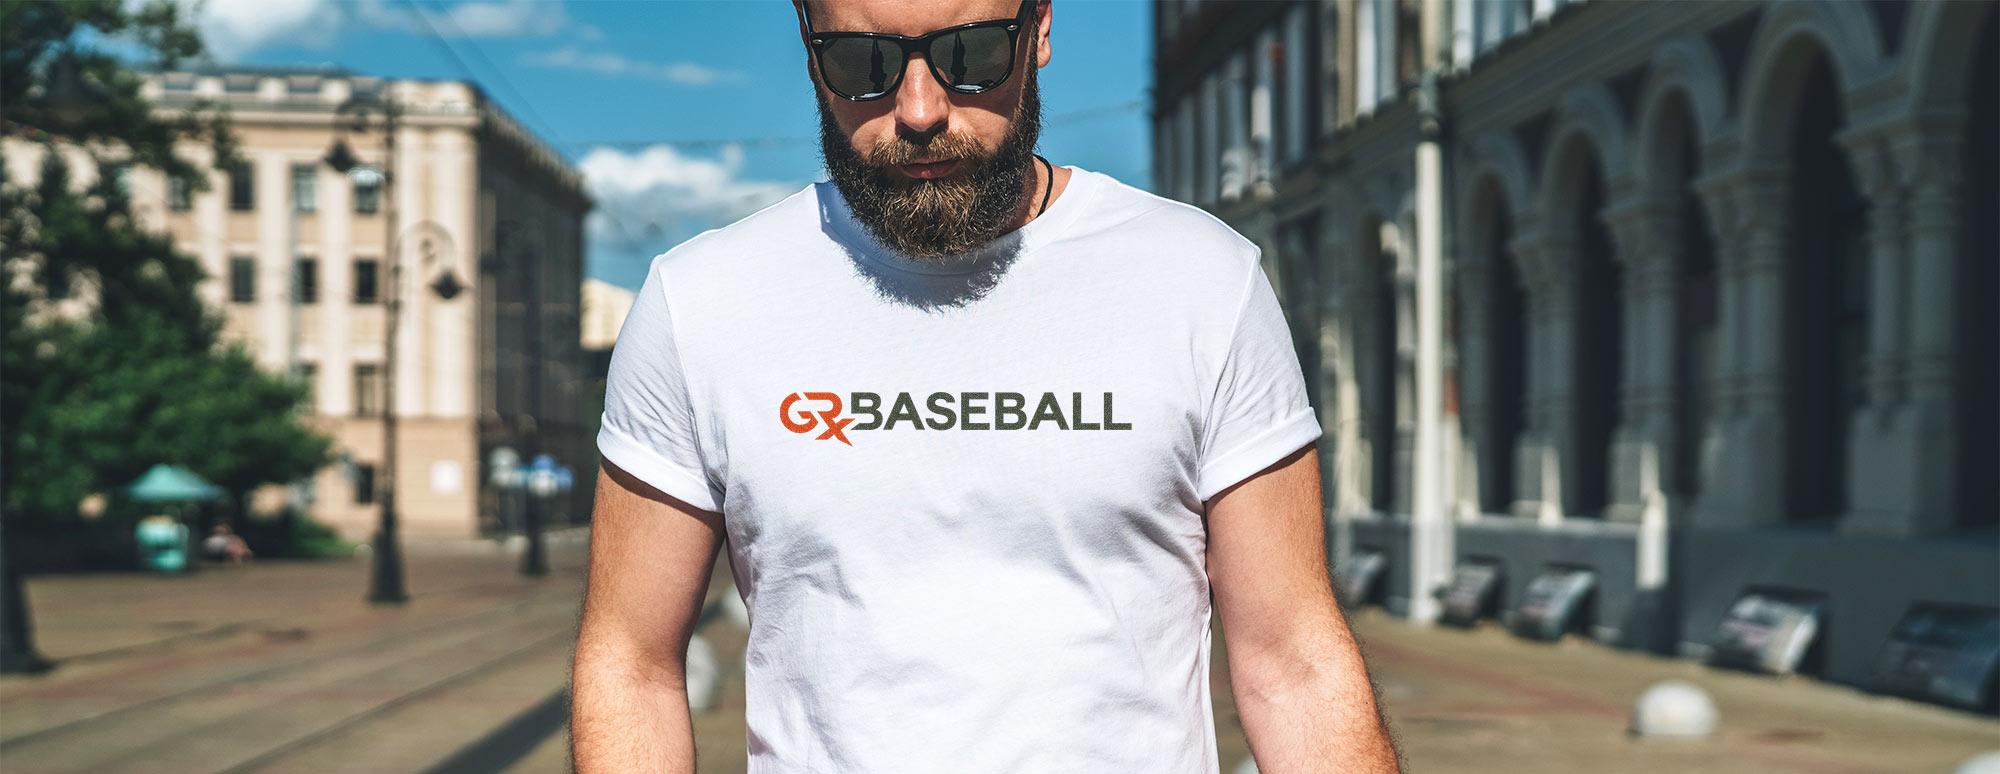 GRx Baseball Branding